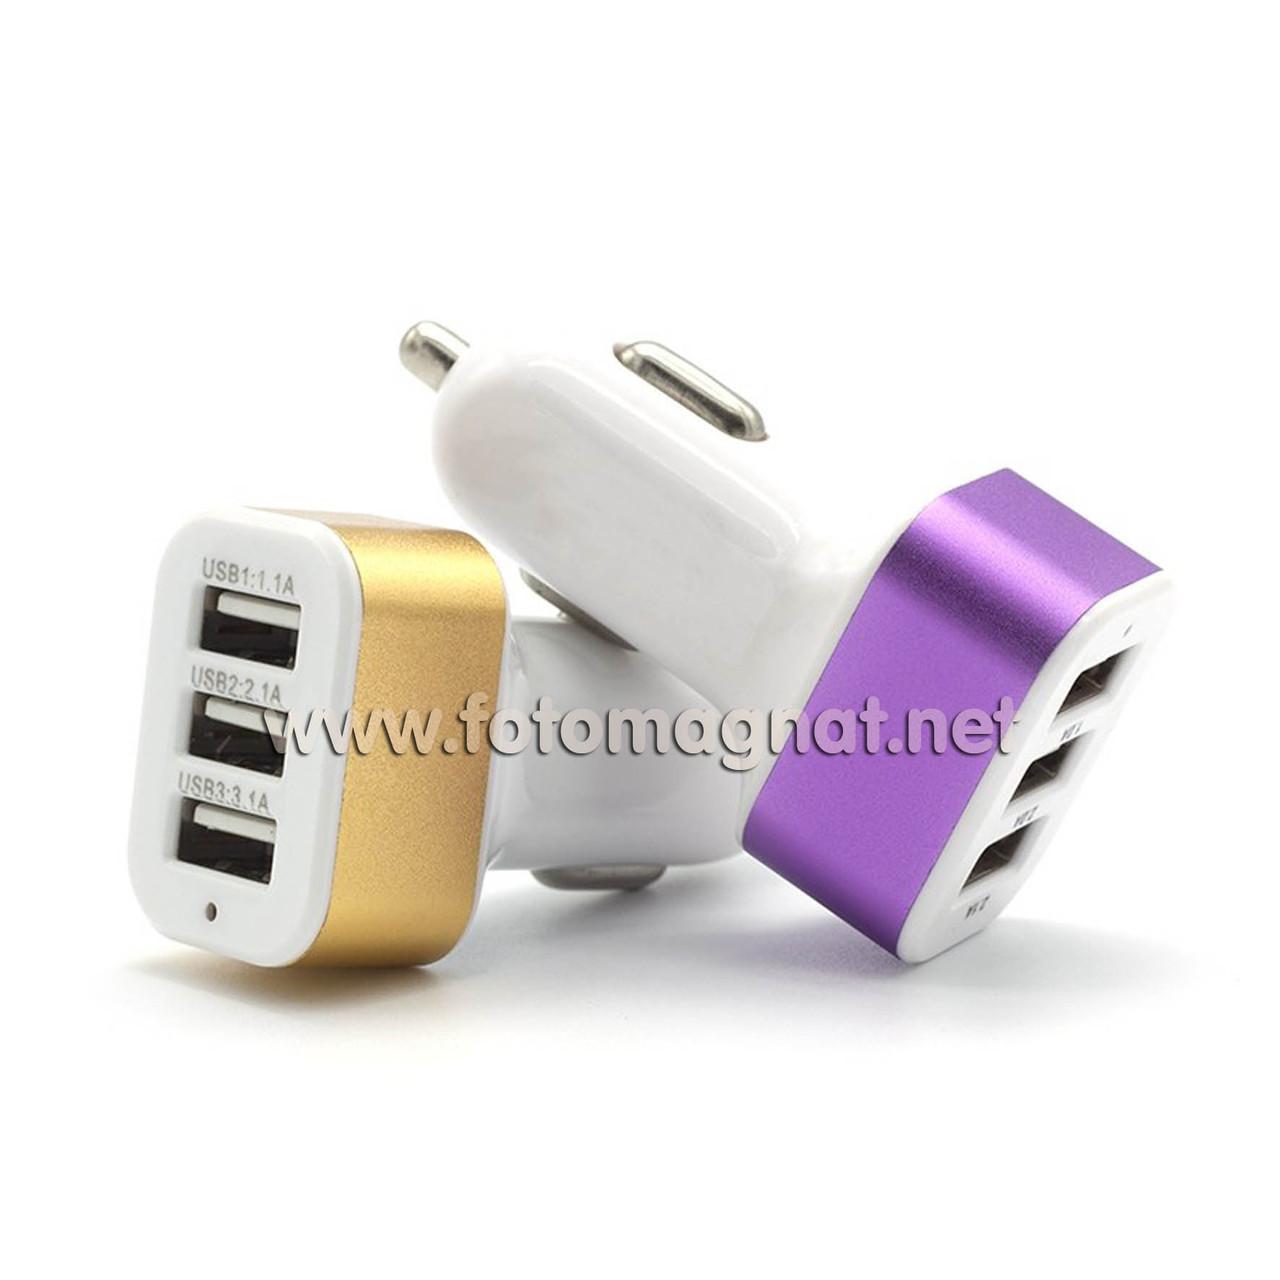 Автомобильное зарядное USB 4.1А 3 USB  COLARIX   (прикуриватель usb)